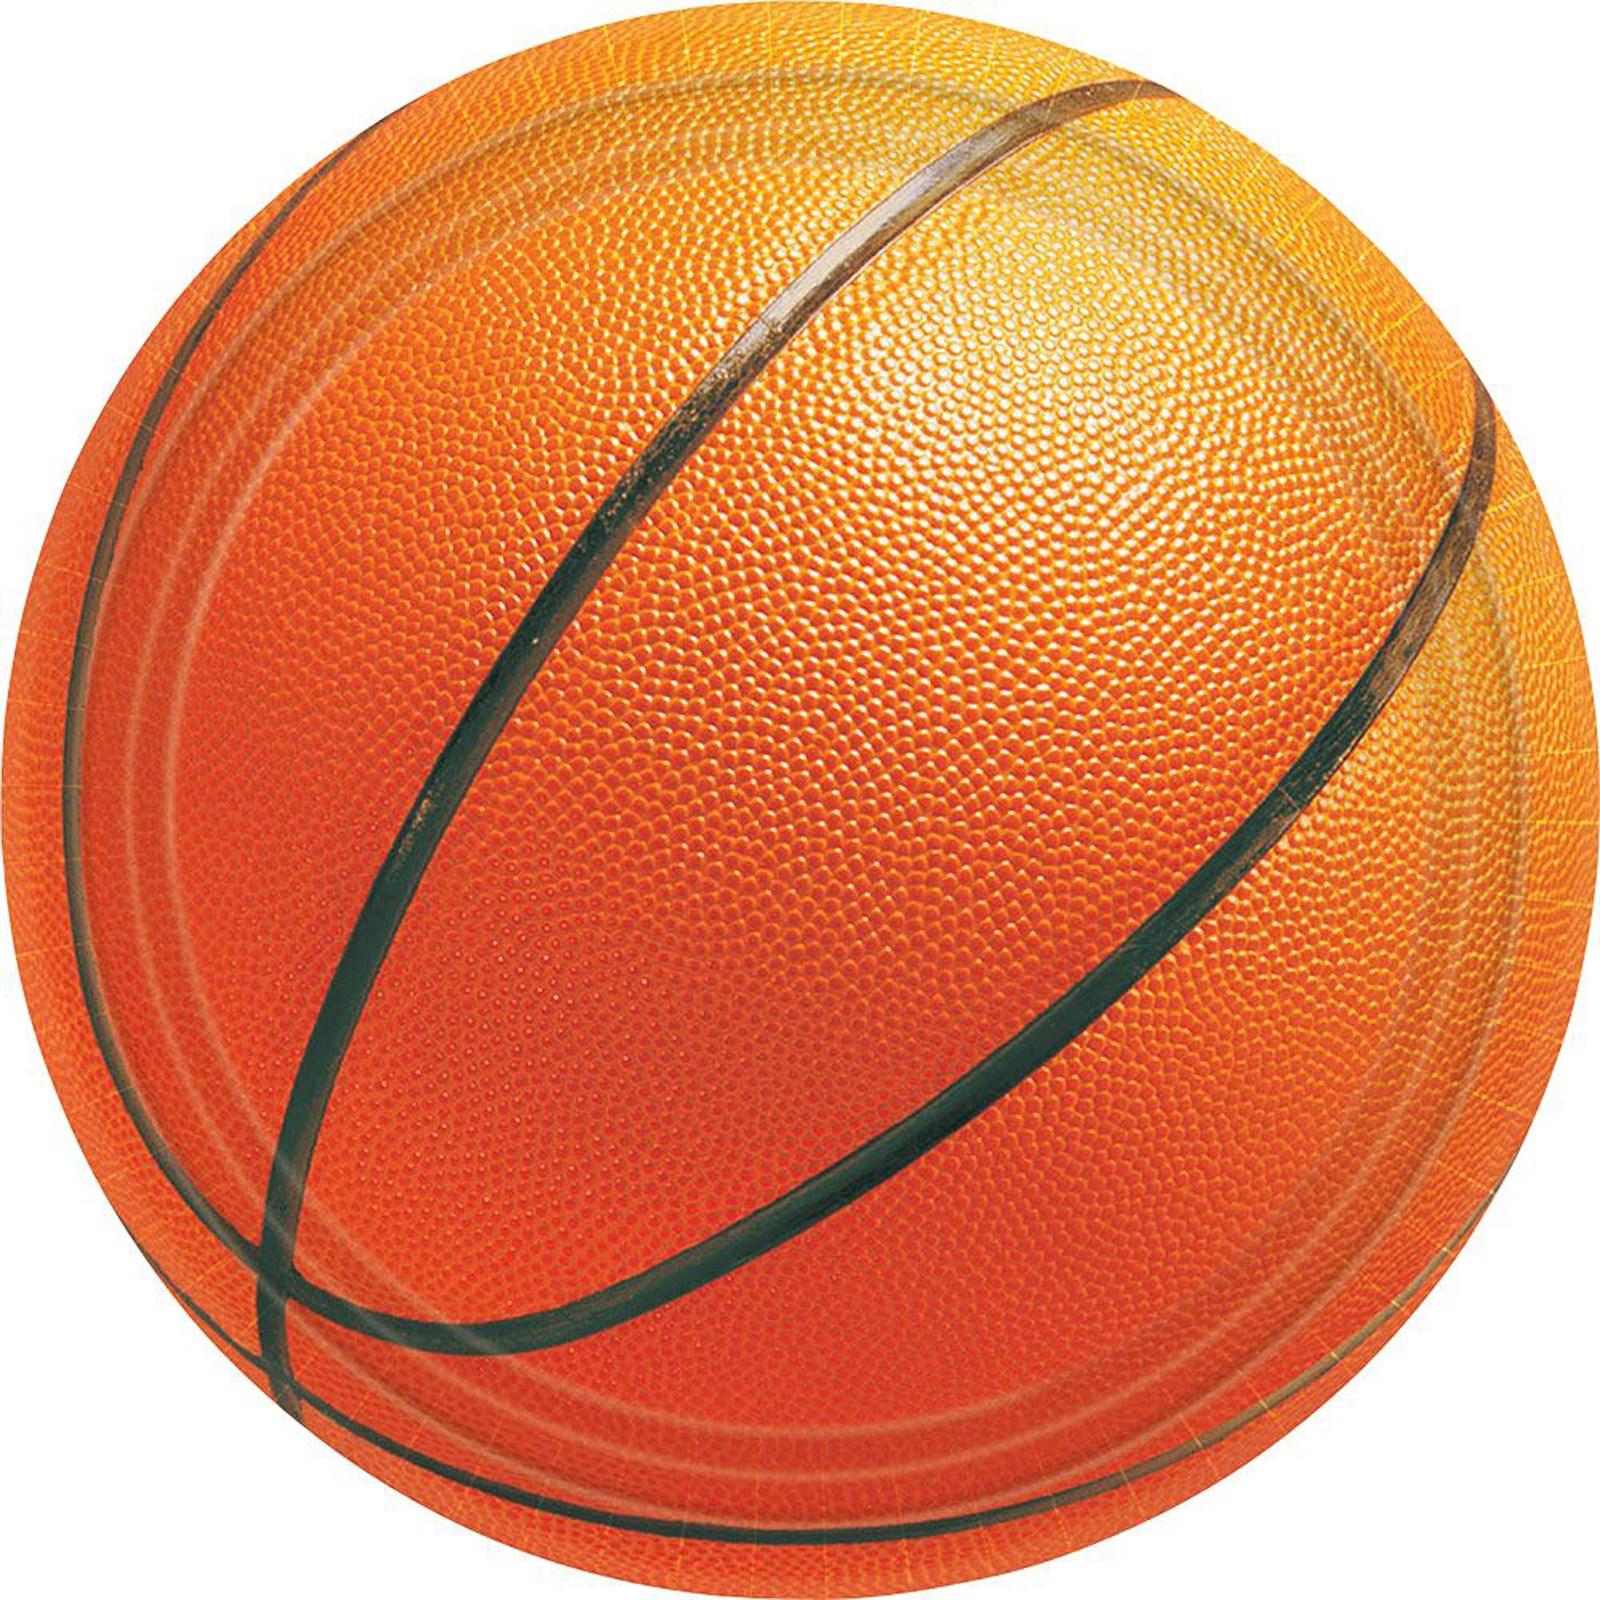 Basketball Fan – Banquet Dinner Plates 8 count